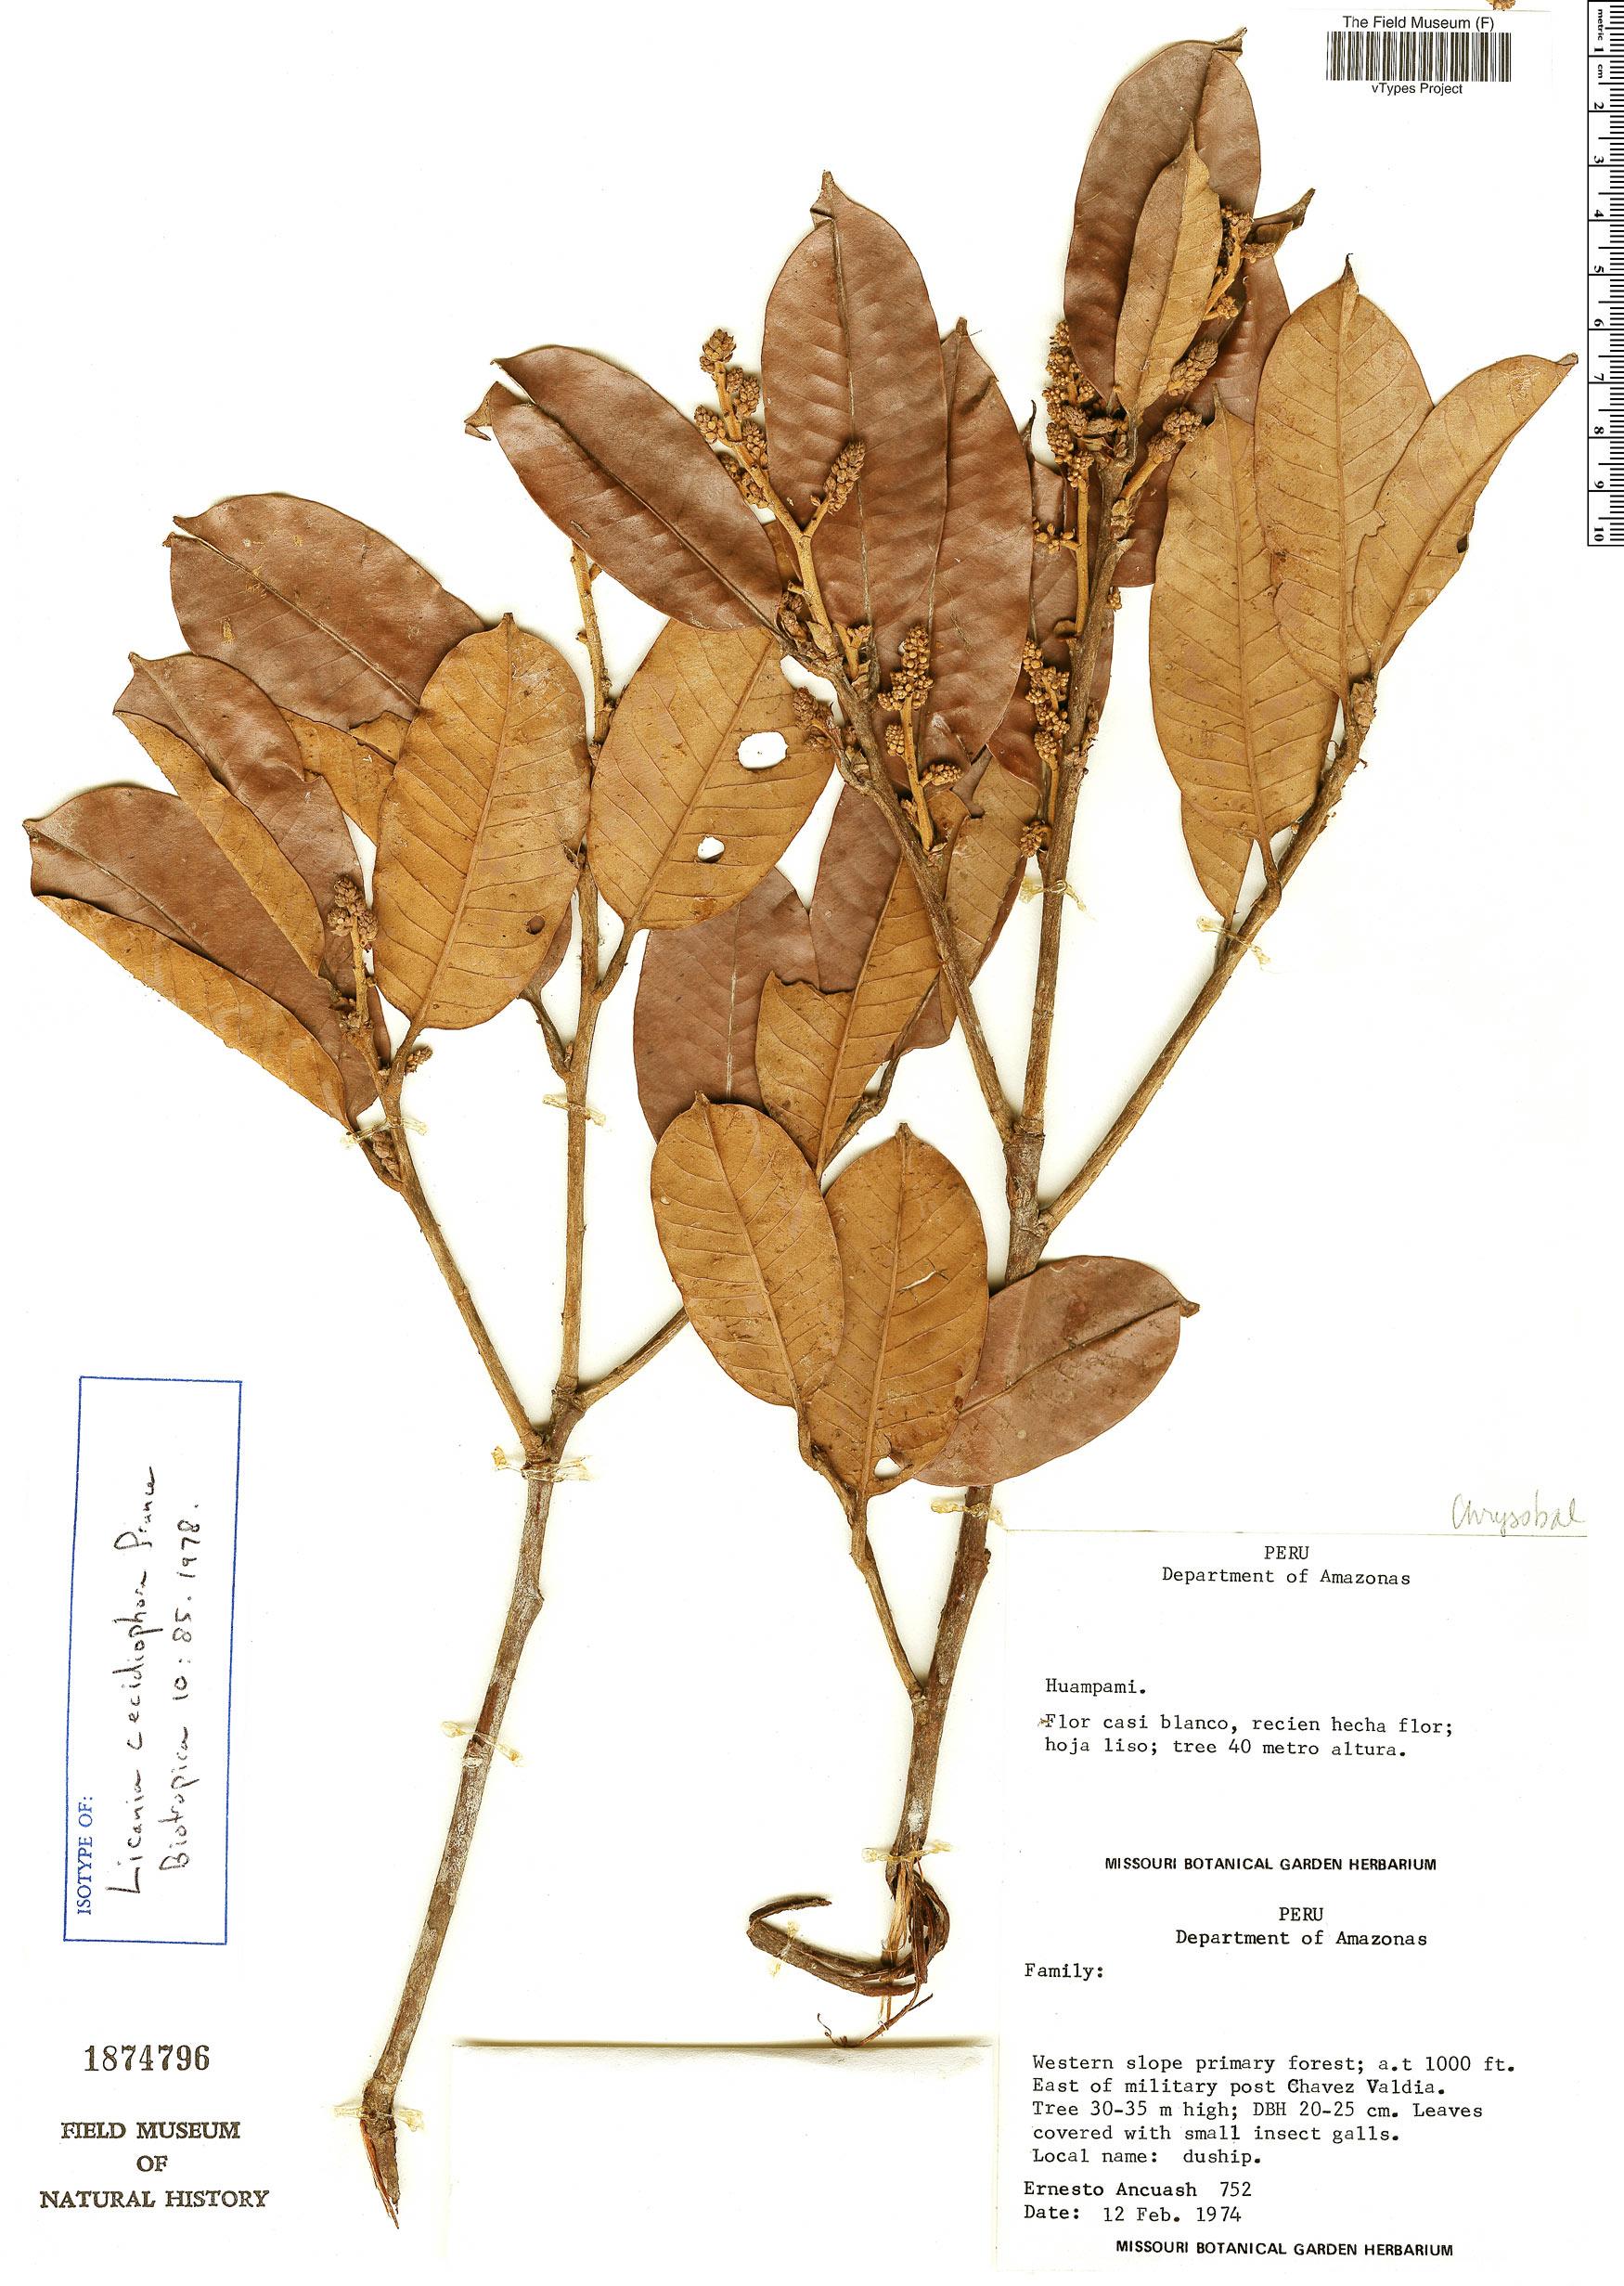 Specimen: Licania cecidiophora